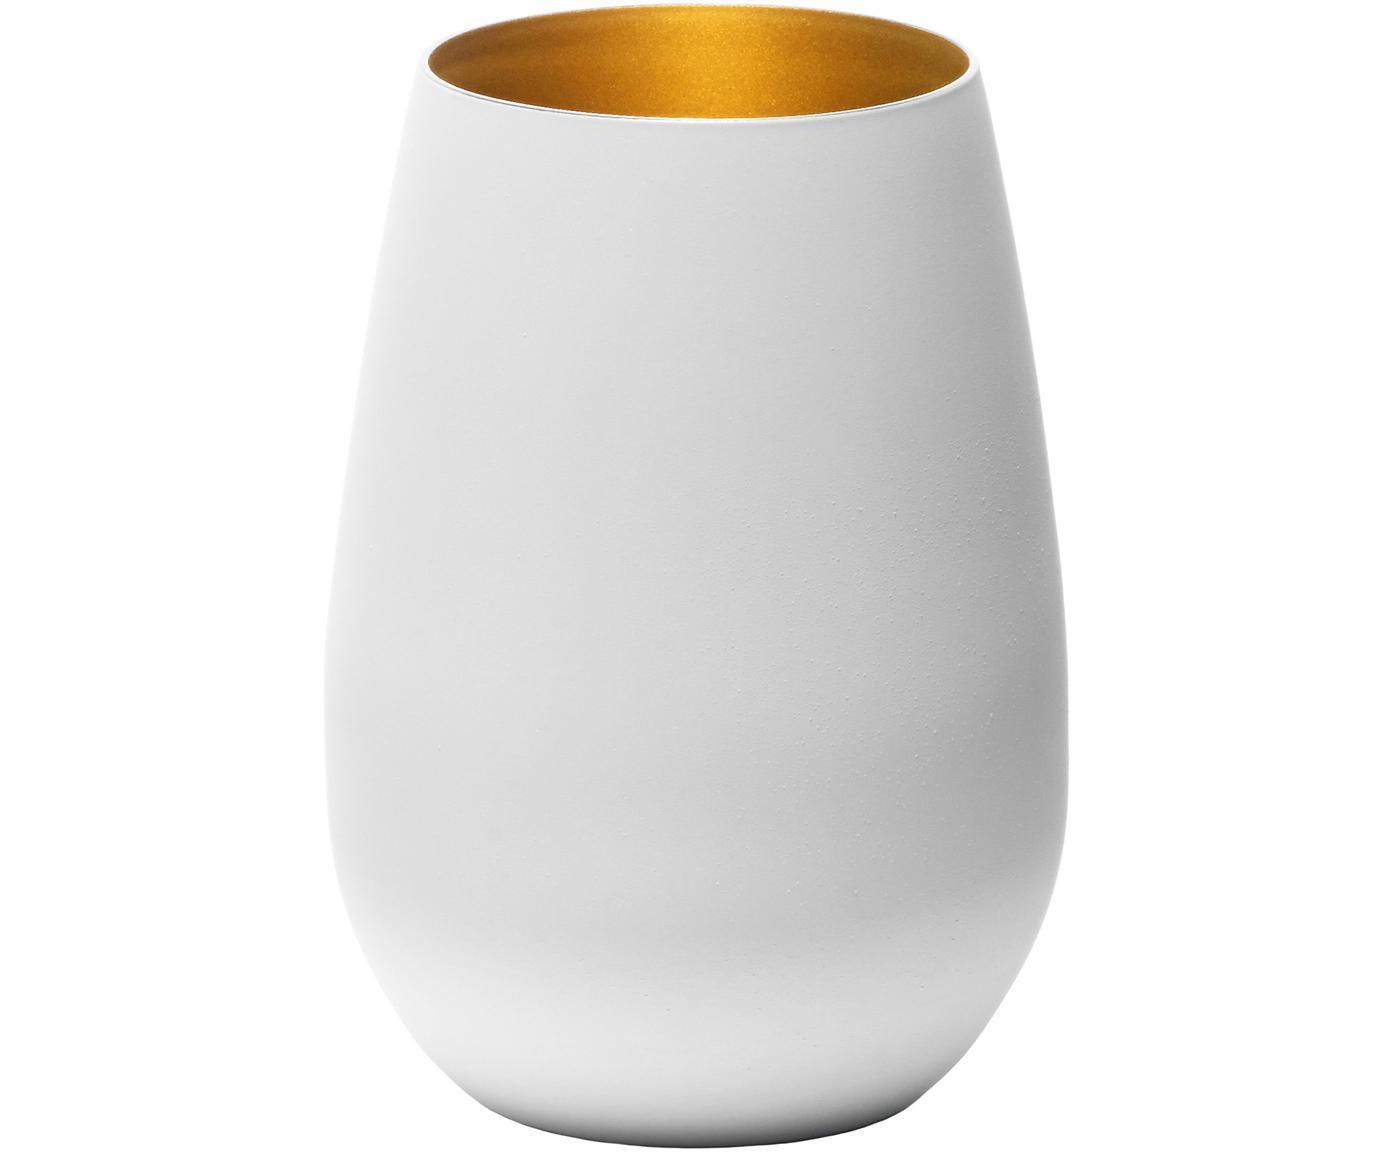 Bicchiere tipo long drink in cristallo Elements 6 pz, Cristallo, rivestito, Bianco, ottonato, Ø 9 x Alt. 12 cm